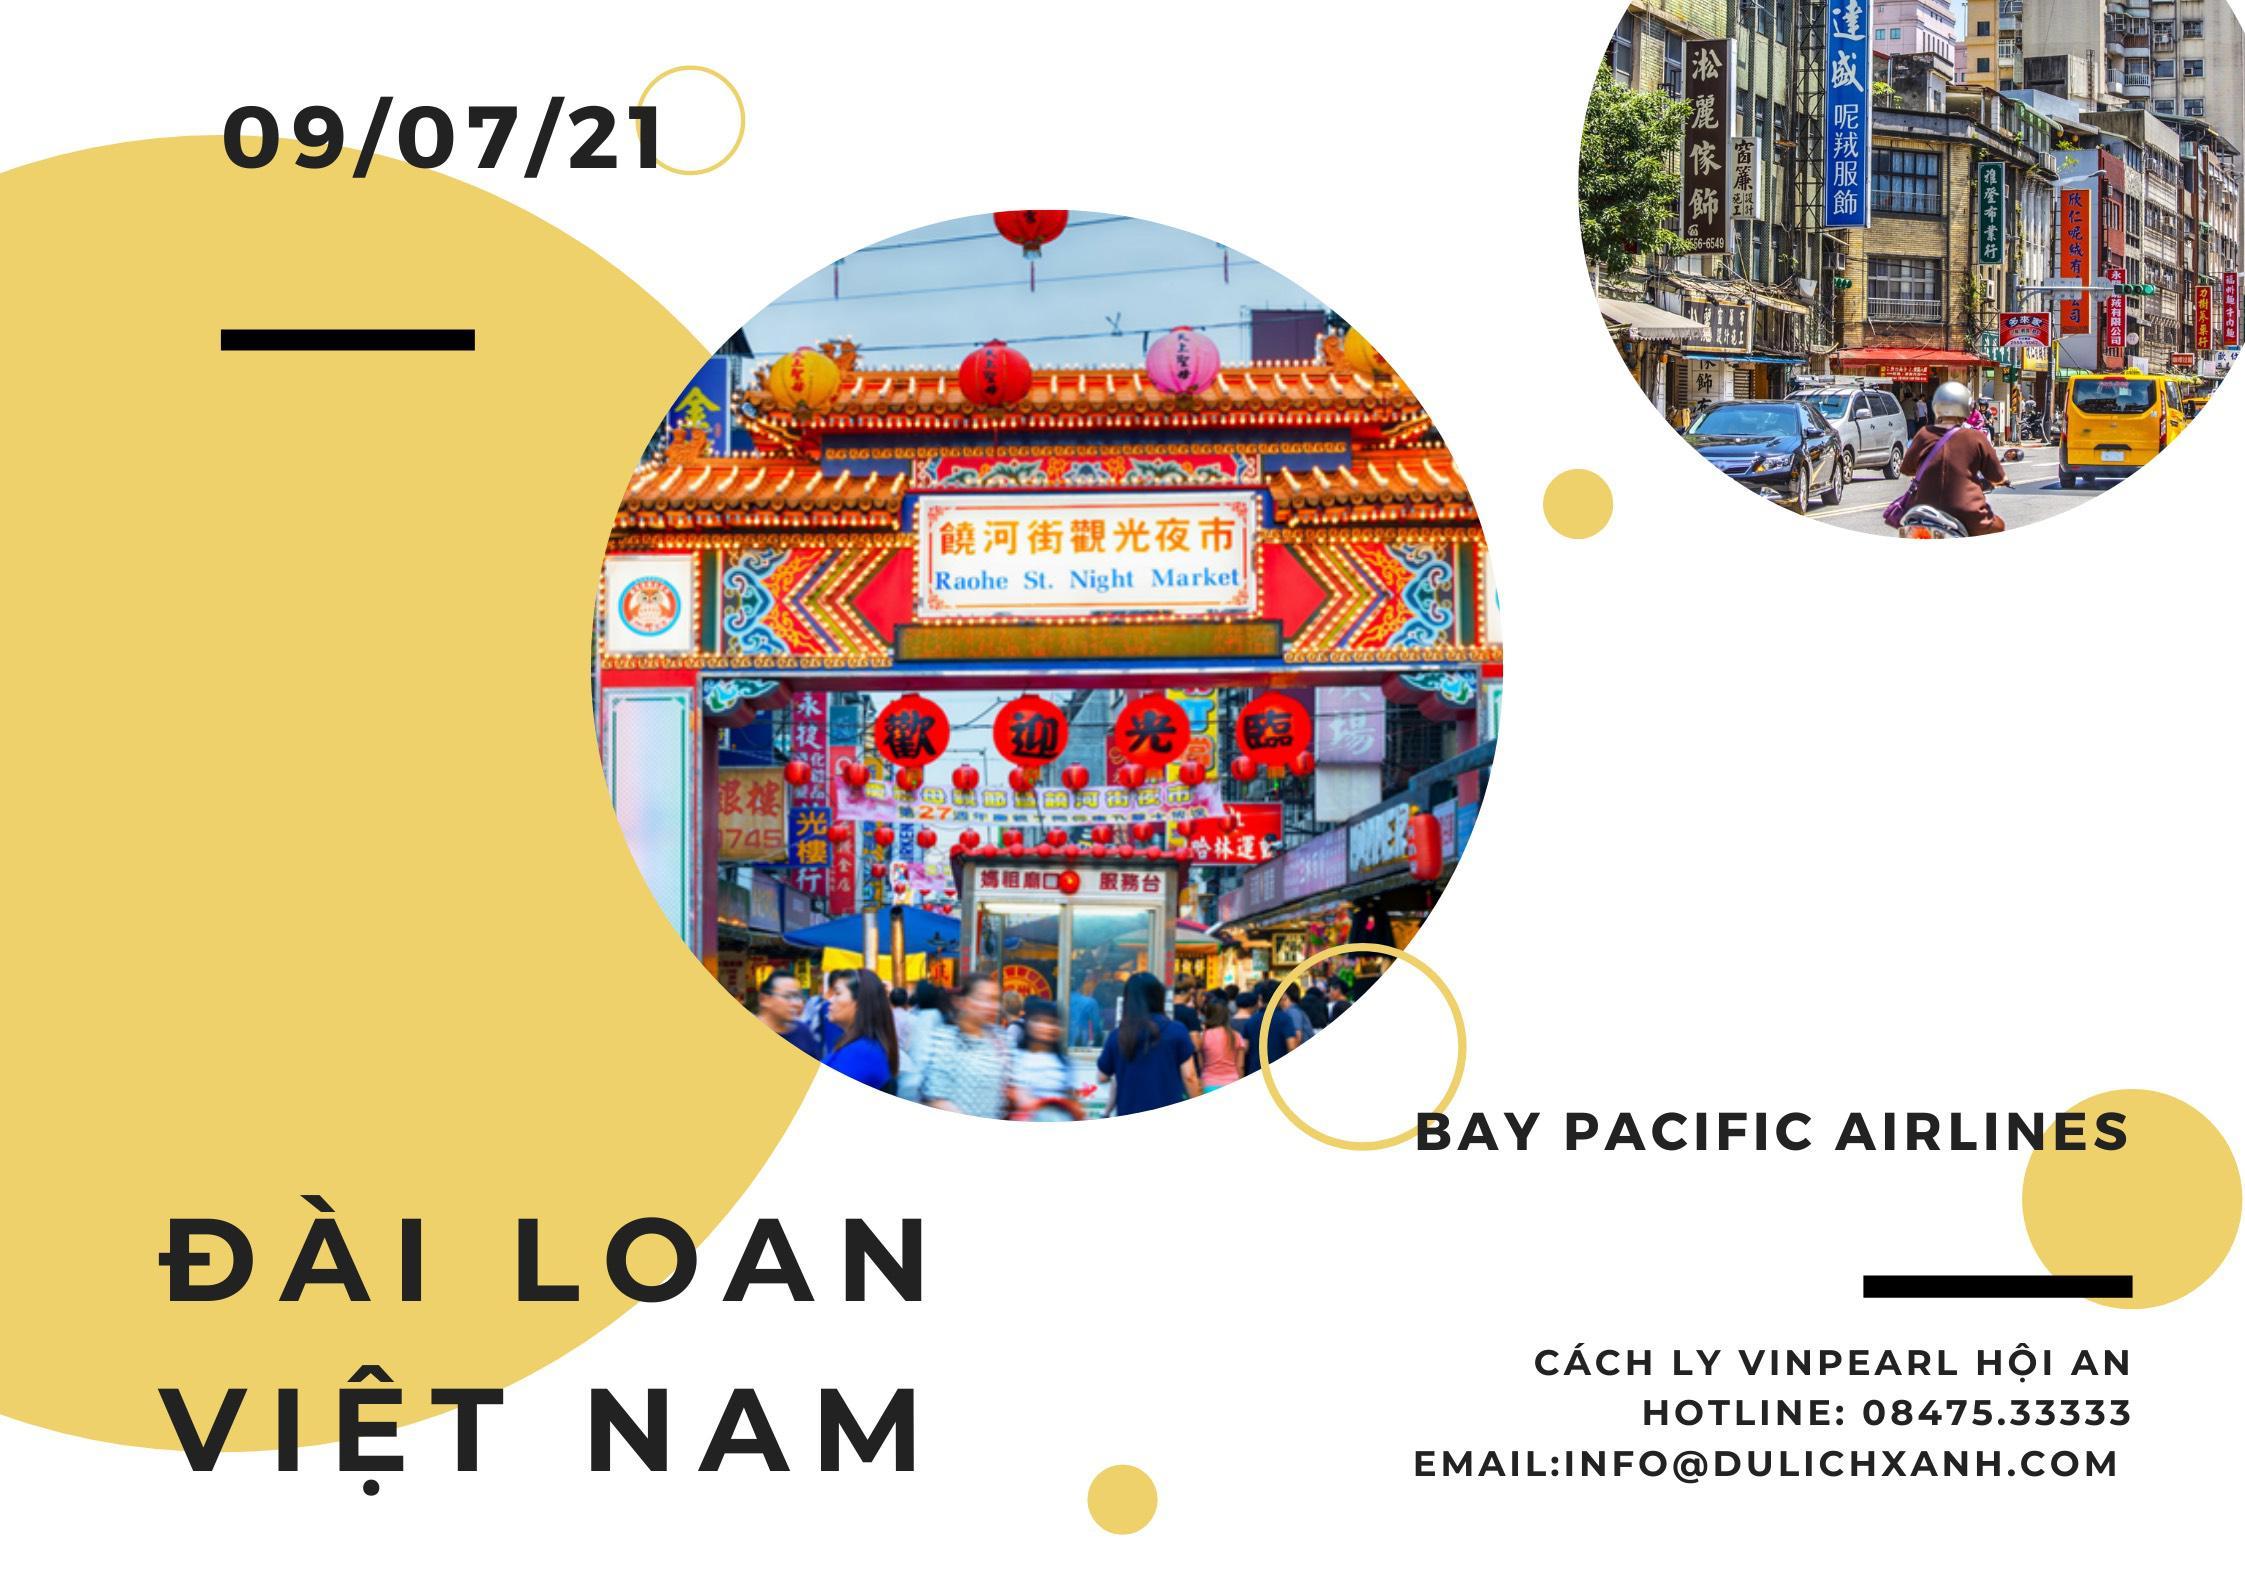 Trọn gói vé máy bay + khách sạn cách ly Đài Loan về Việt Nam tháng 7